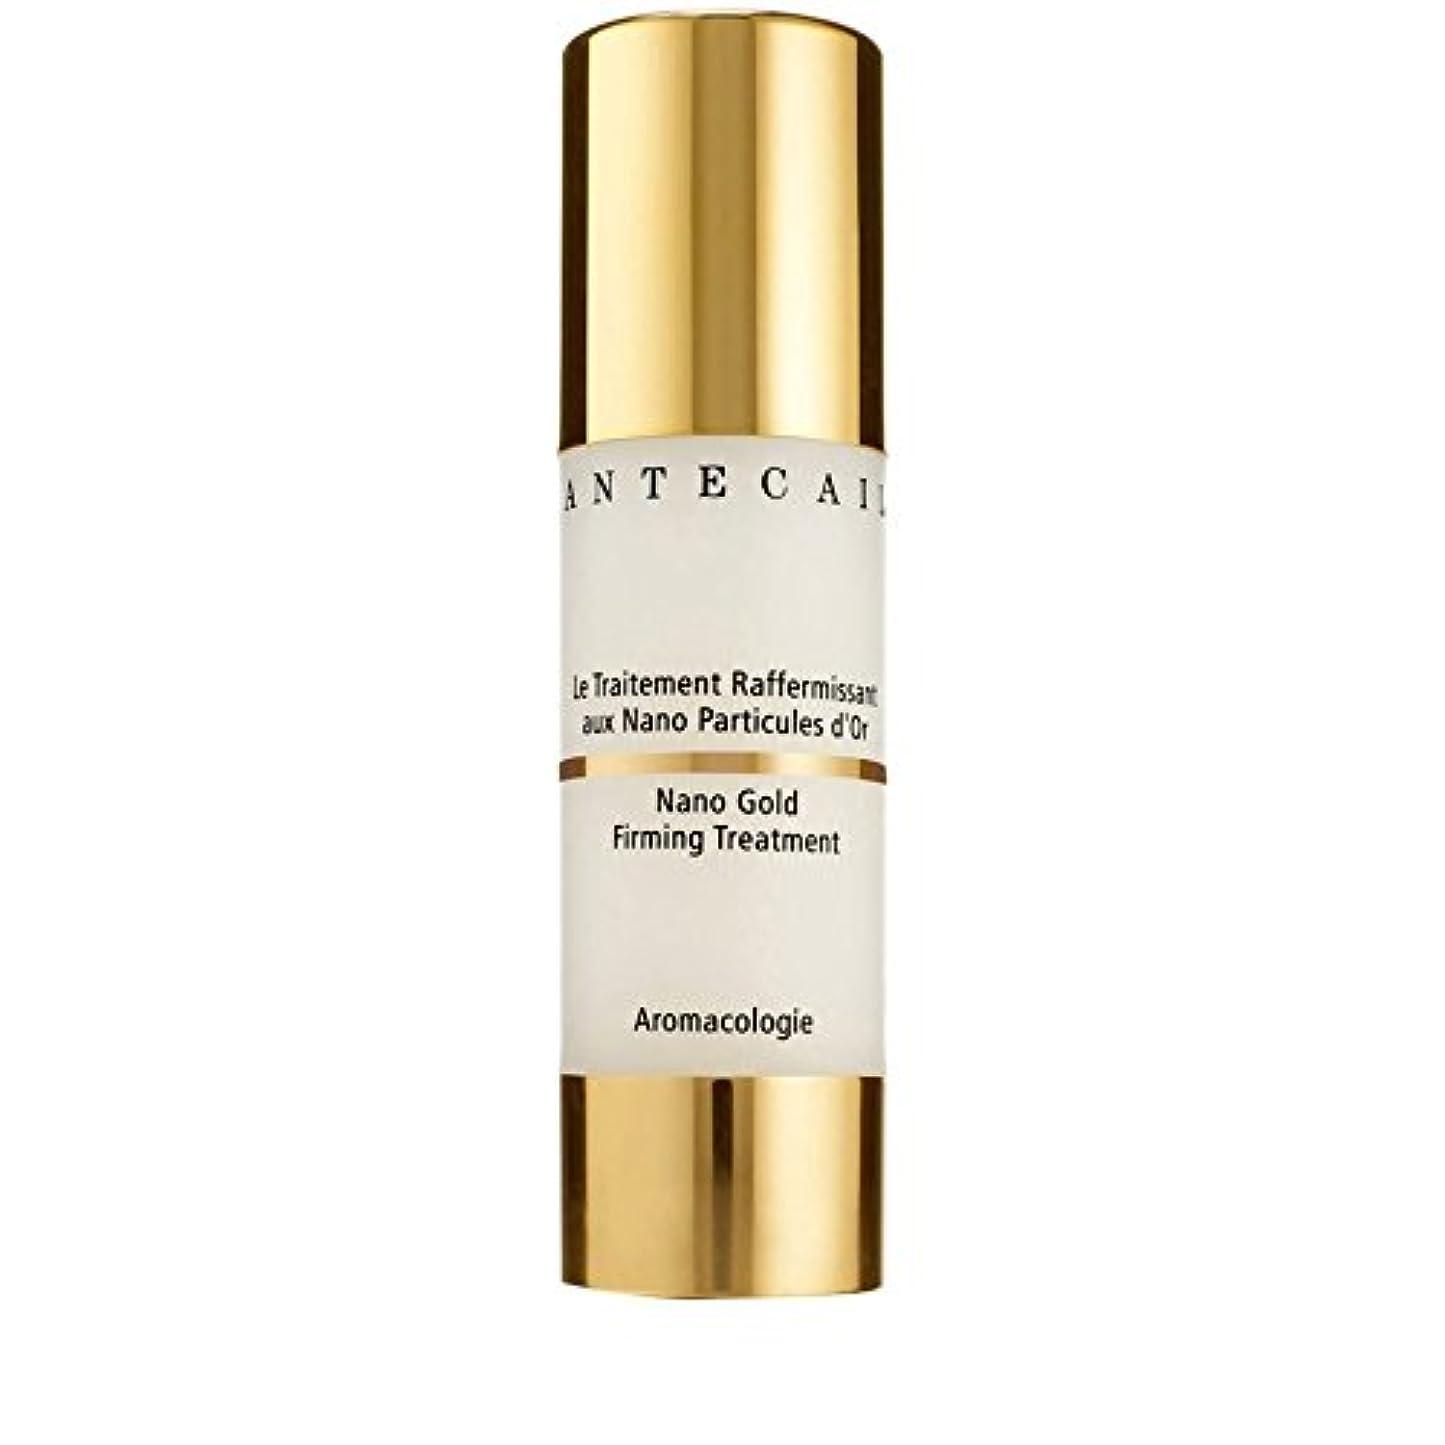 千ペレグリネーションスキニーChantecaille Nano Gold Firming Treatment, Chantecaille (Pack of 6) - シャンテカイユナノ金の引き締め治療、シャンテカイユ x6 [並行輸入品]